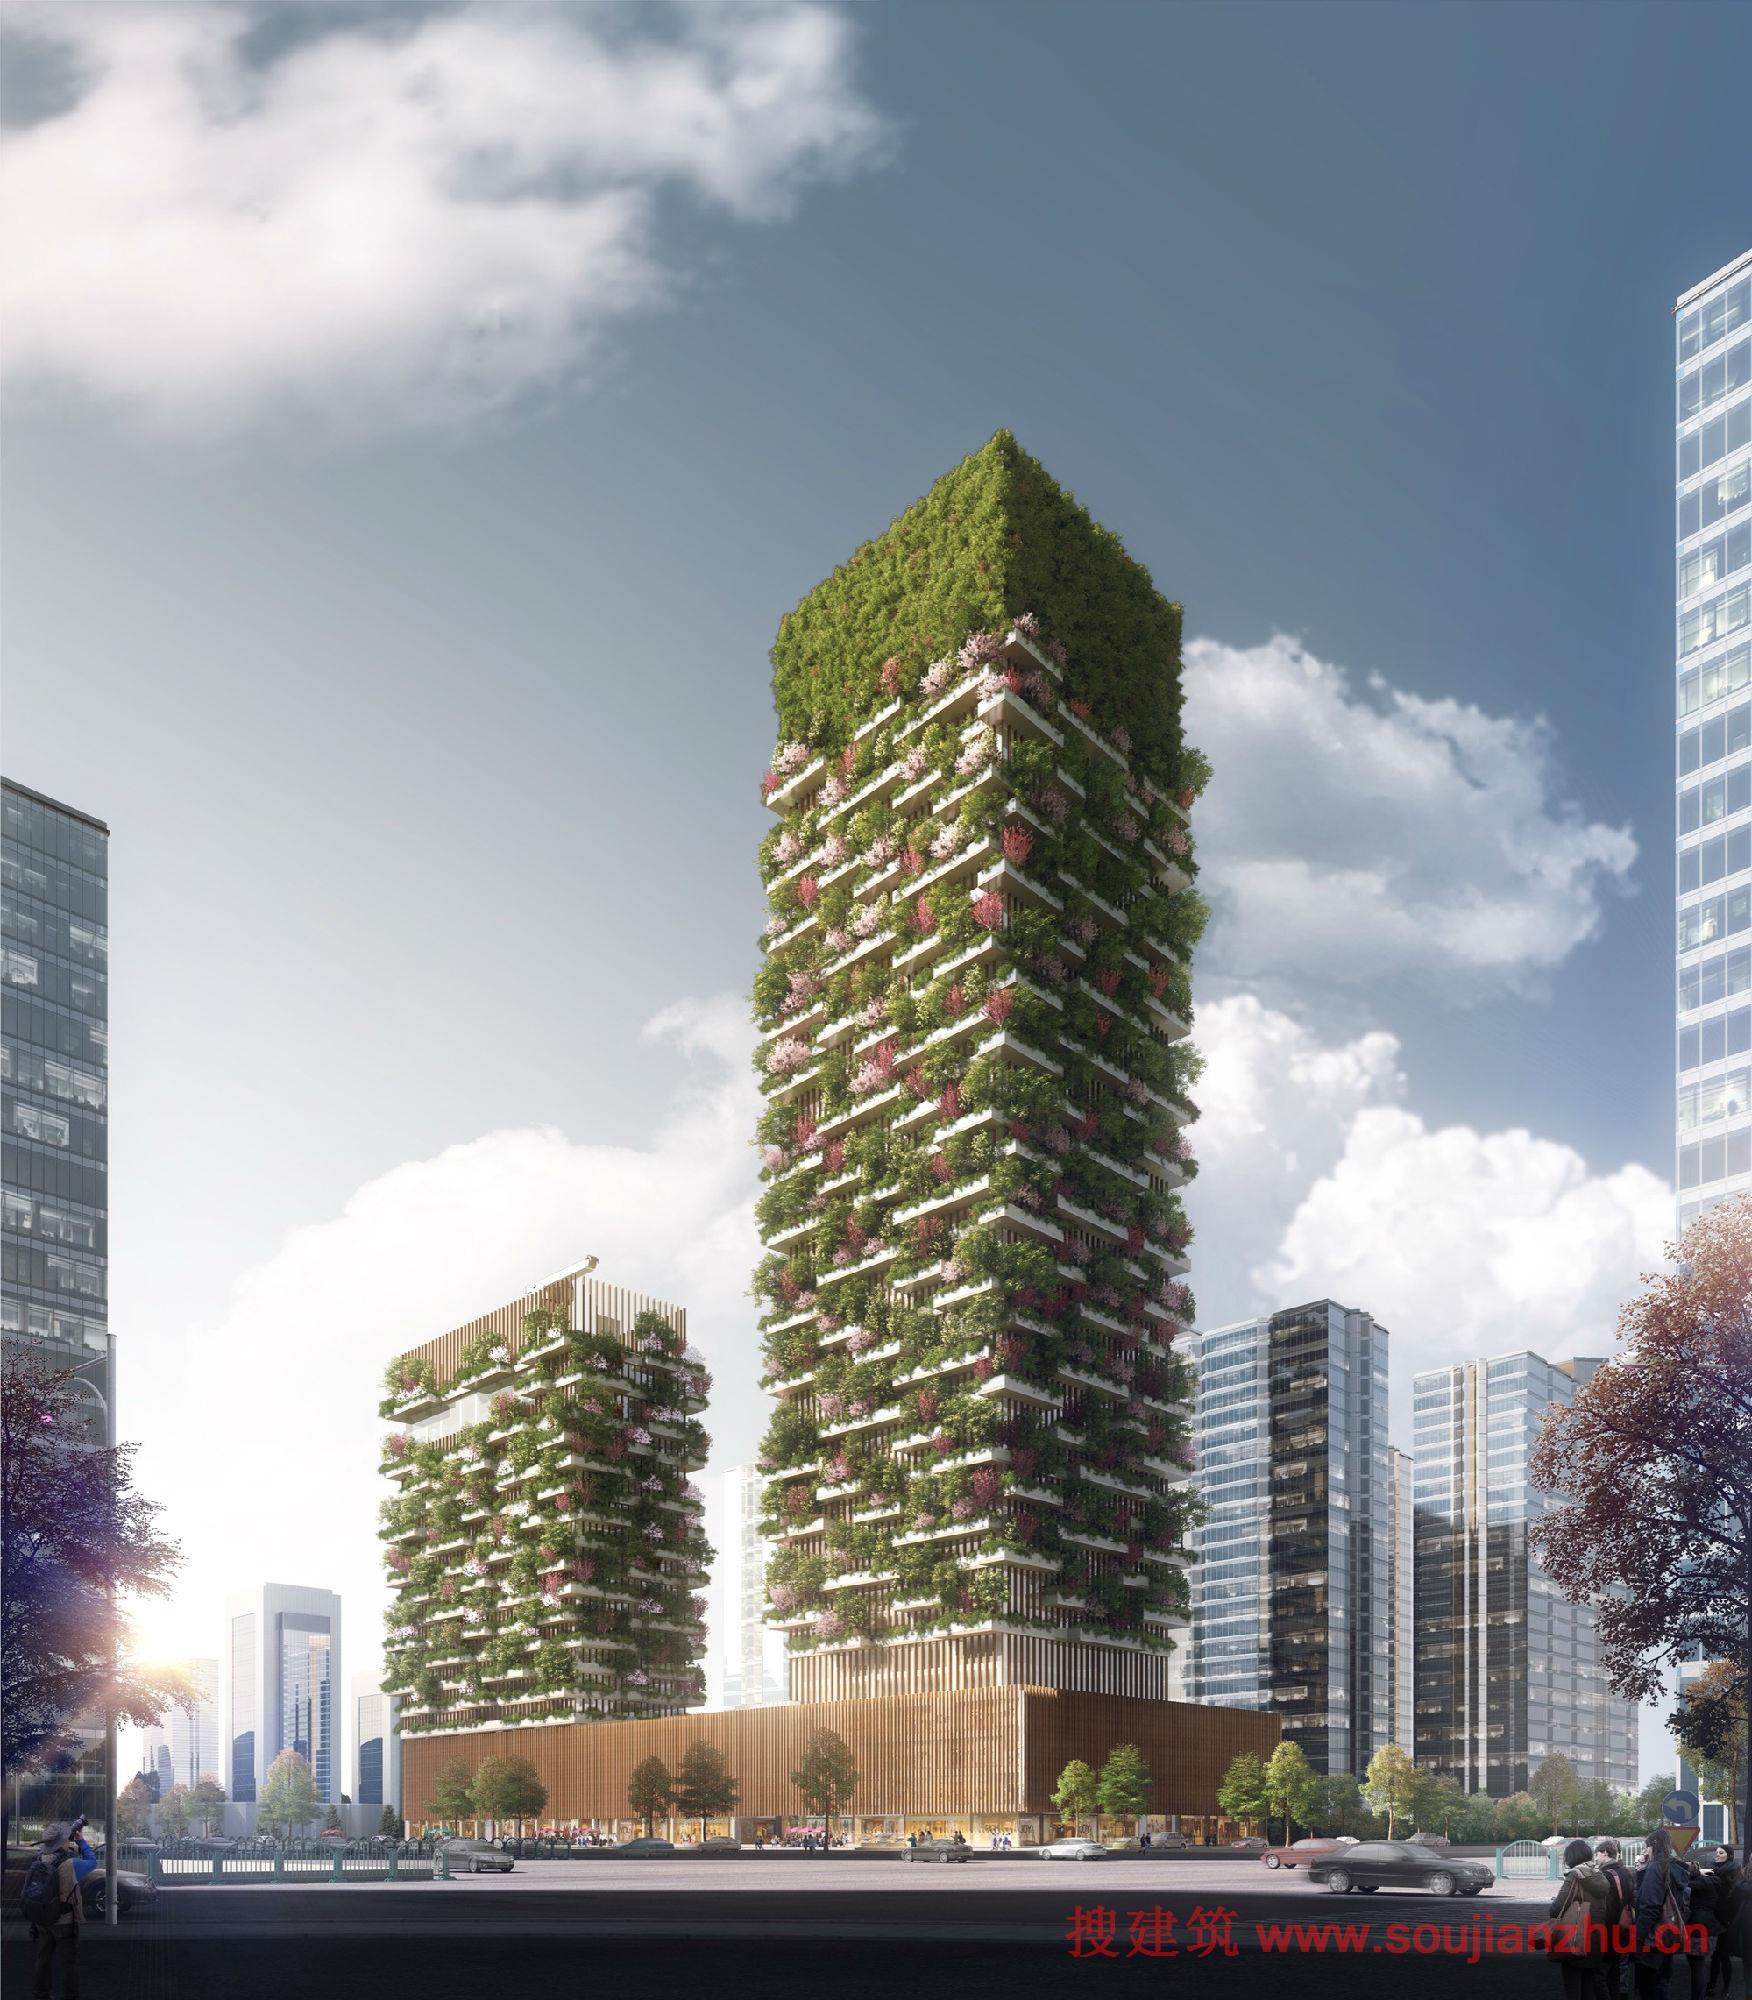 垂直森林原型,其特点是高密度的郁郁葱葱的植被由建筑立面的露台支撑.